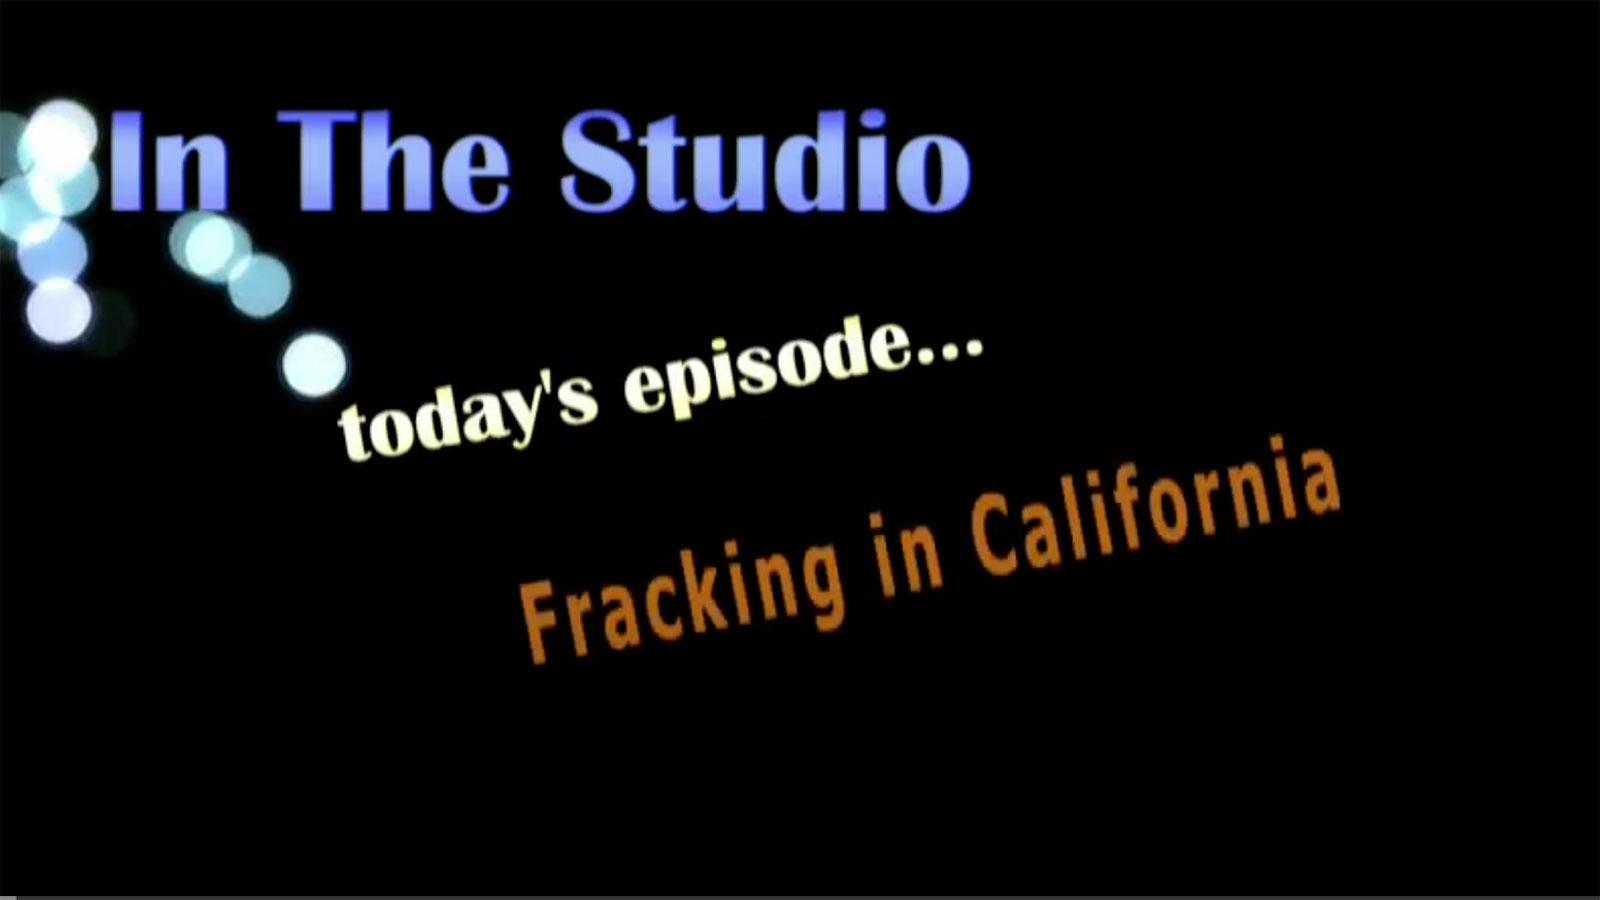 In the Studio: Fracking in California